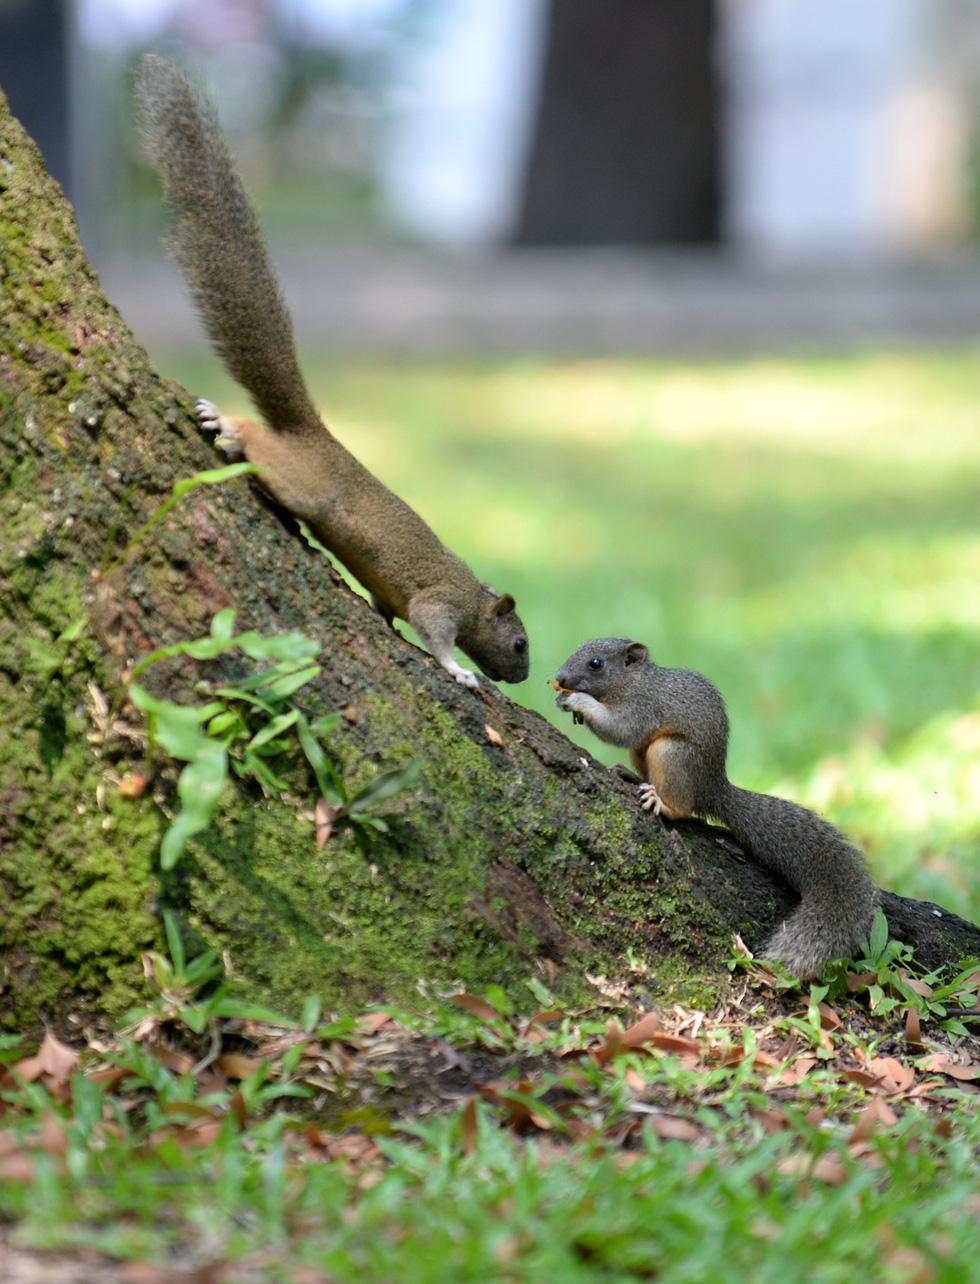 Mang bữa ăn sáng cho thú hoang ở công viên - Ảnh 7.